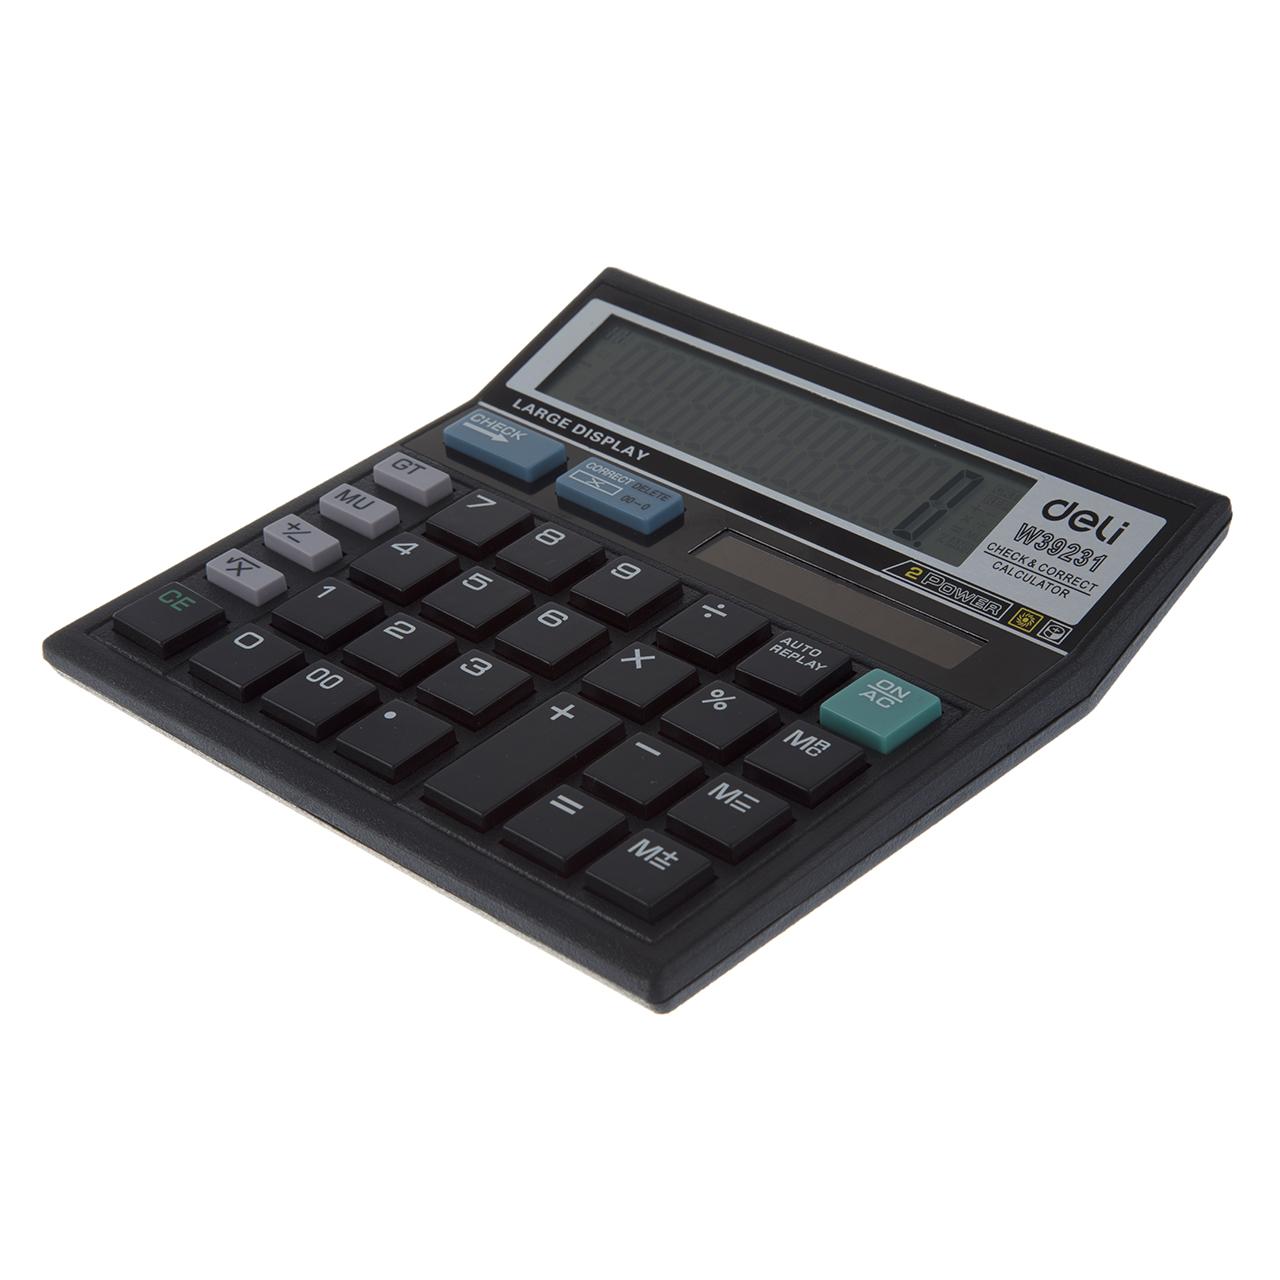 ماشین حساب دلی مدل W39231